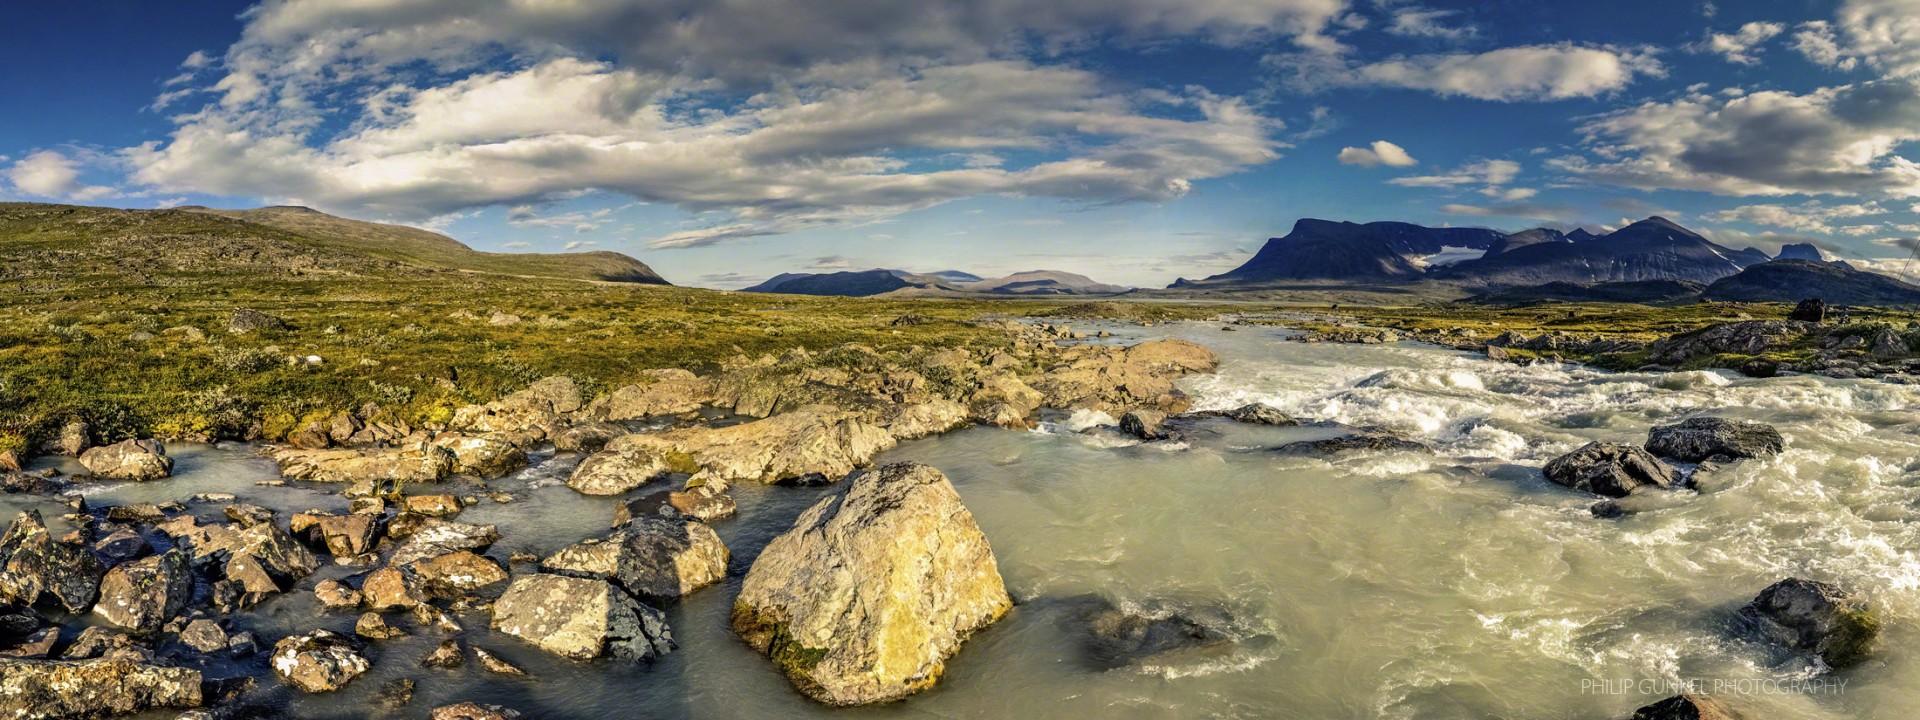 panorama_philip_gunkel_photographie_www.philipgunkel.de-23